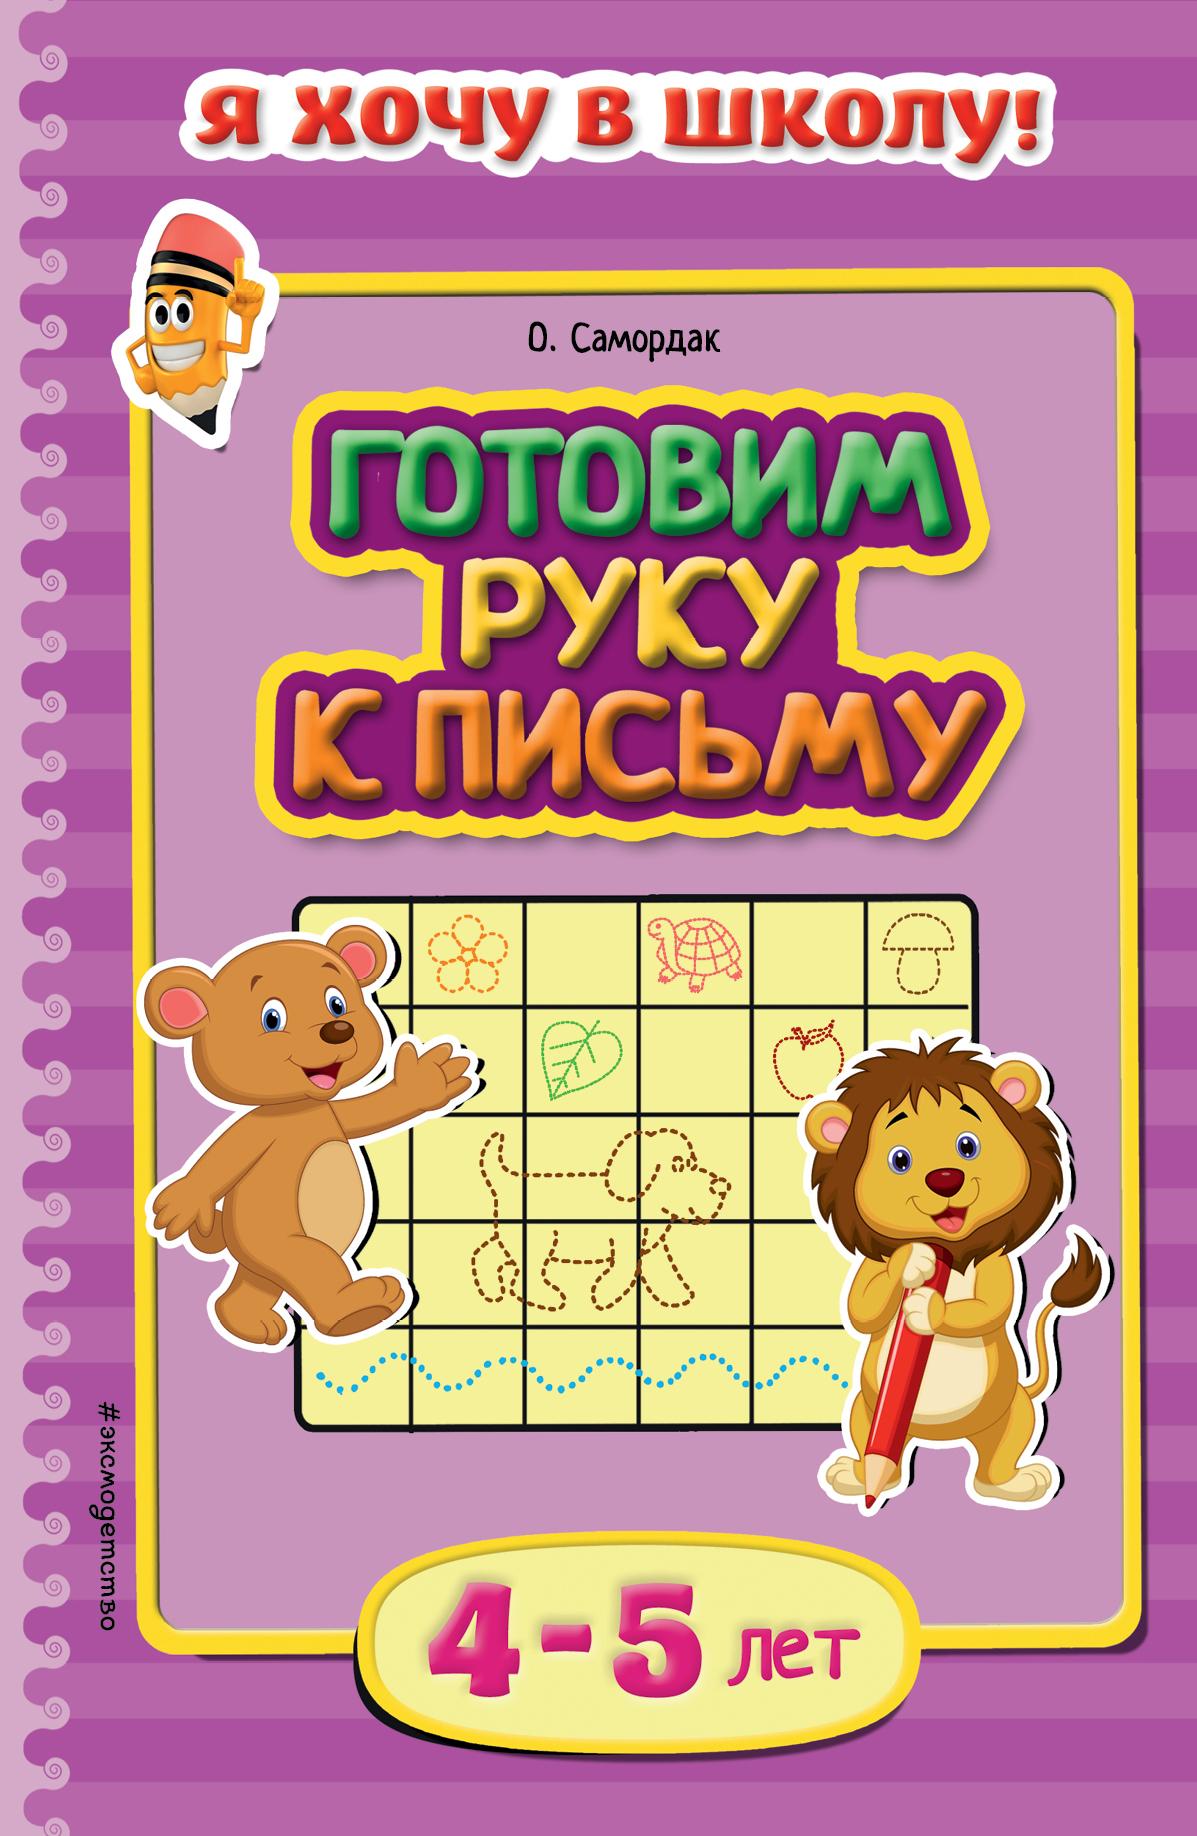 Готовим руку к письму: для детей 4-5 лет